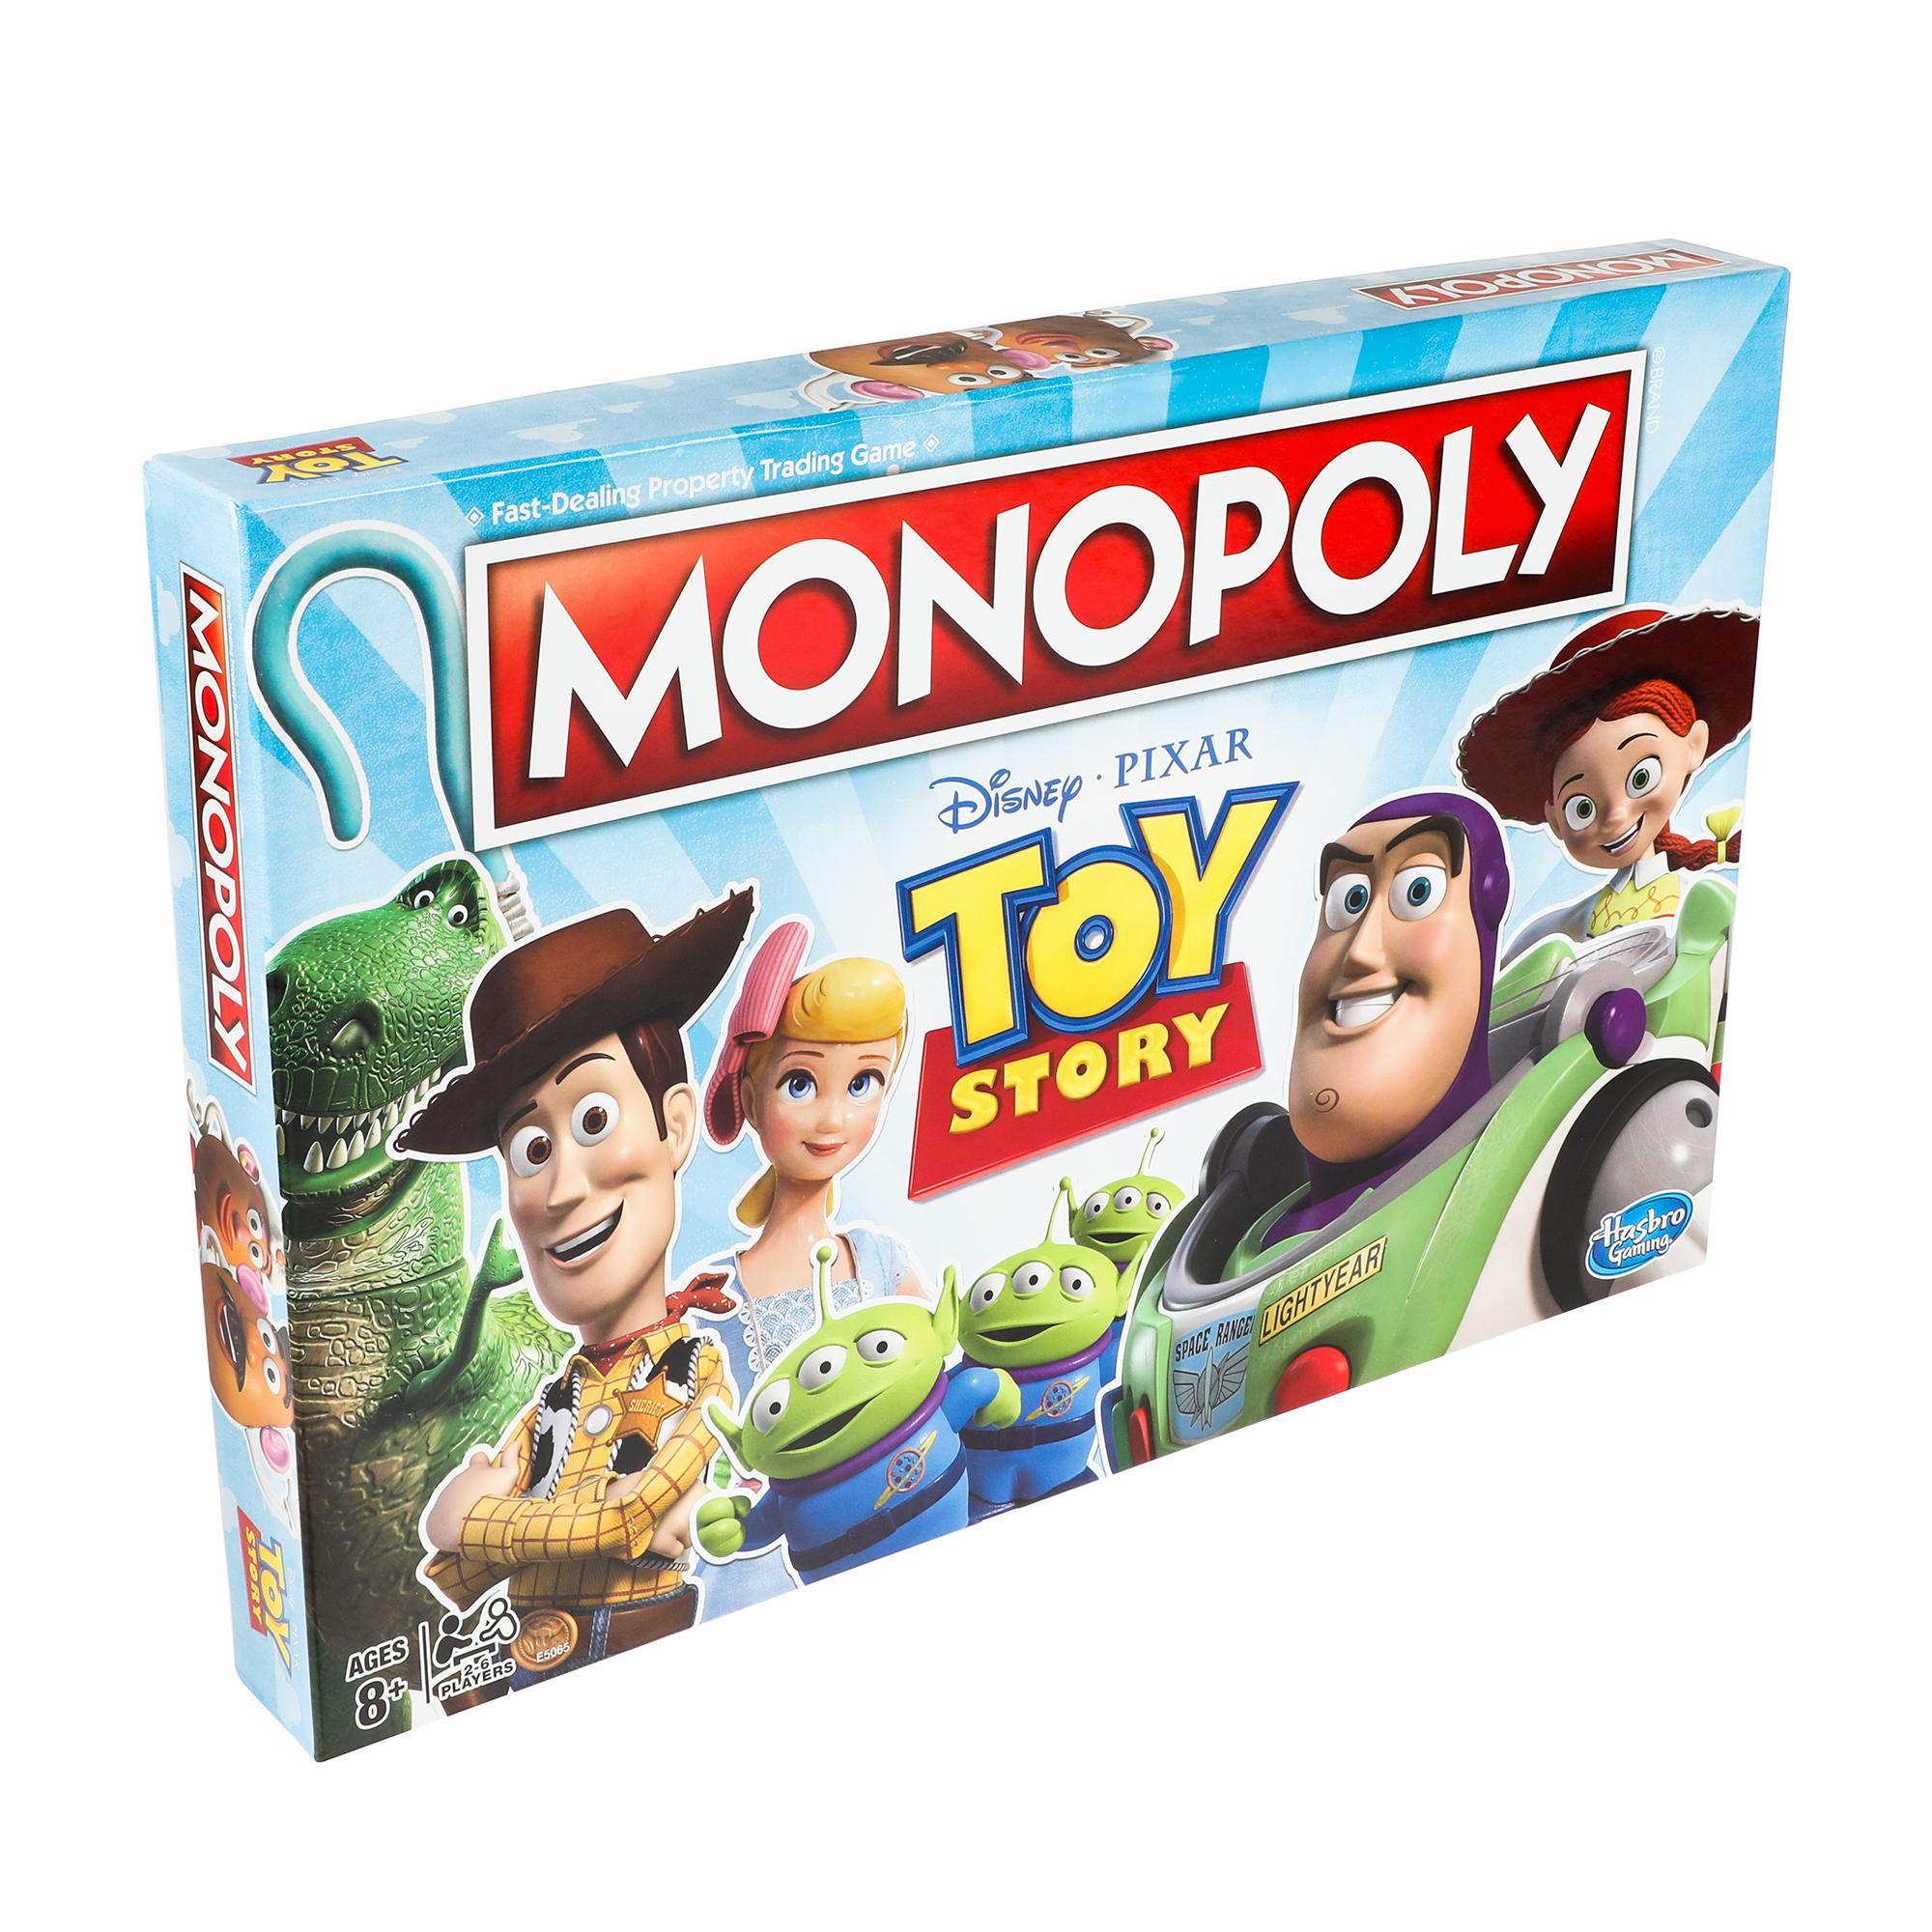 Monopoly Toy Story - Juego de mesa para toda la familia y niños de 8 años en adelante